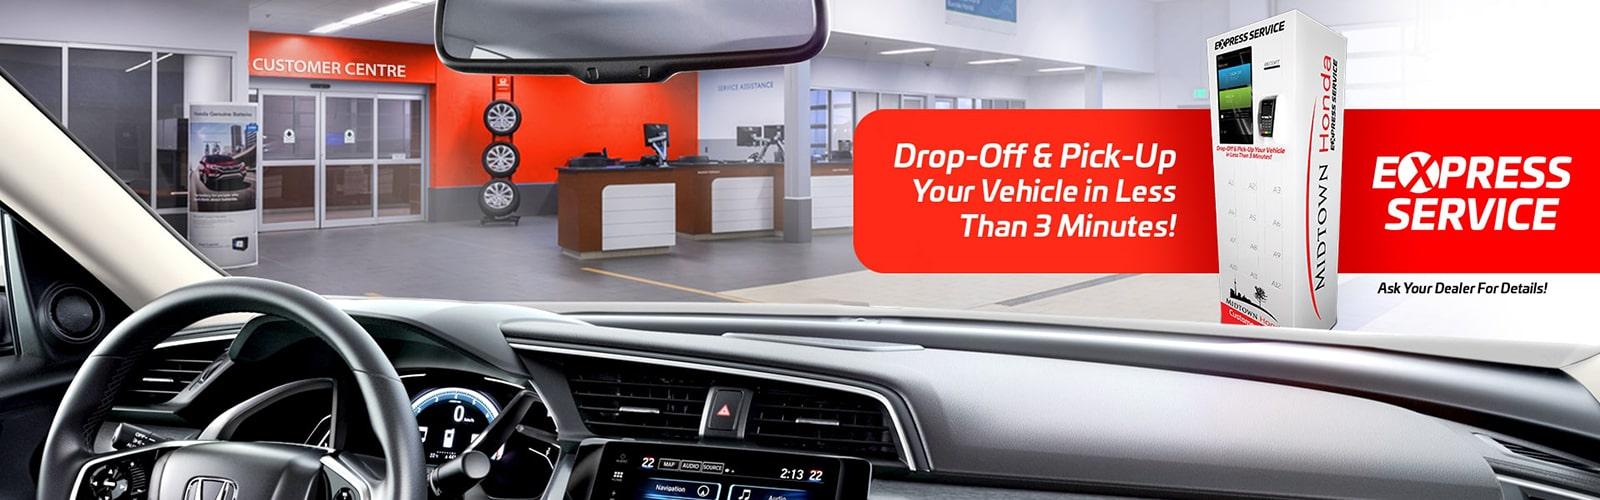 Honda Customer Service Number >> Honda Dealer In Toronto Customer Driven